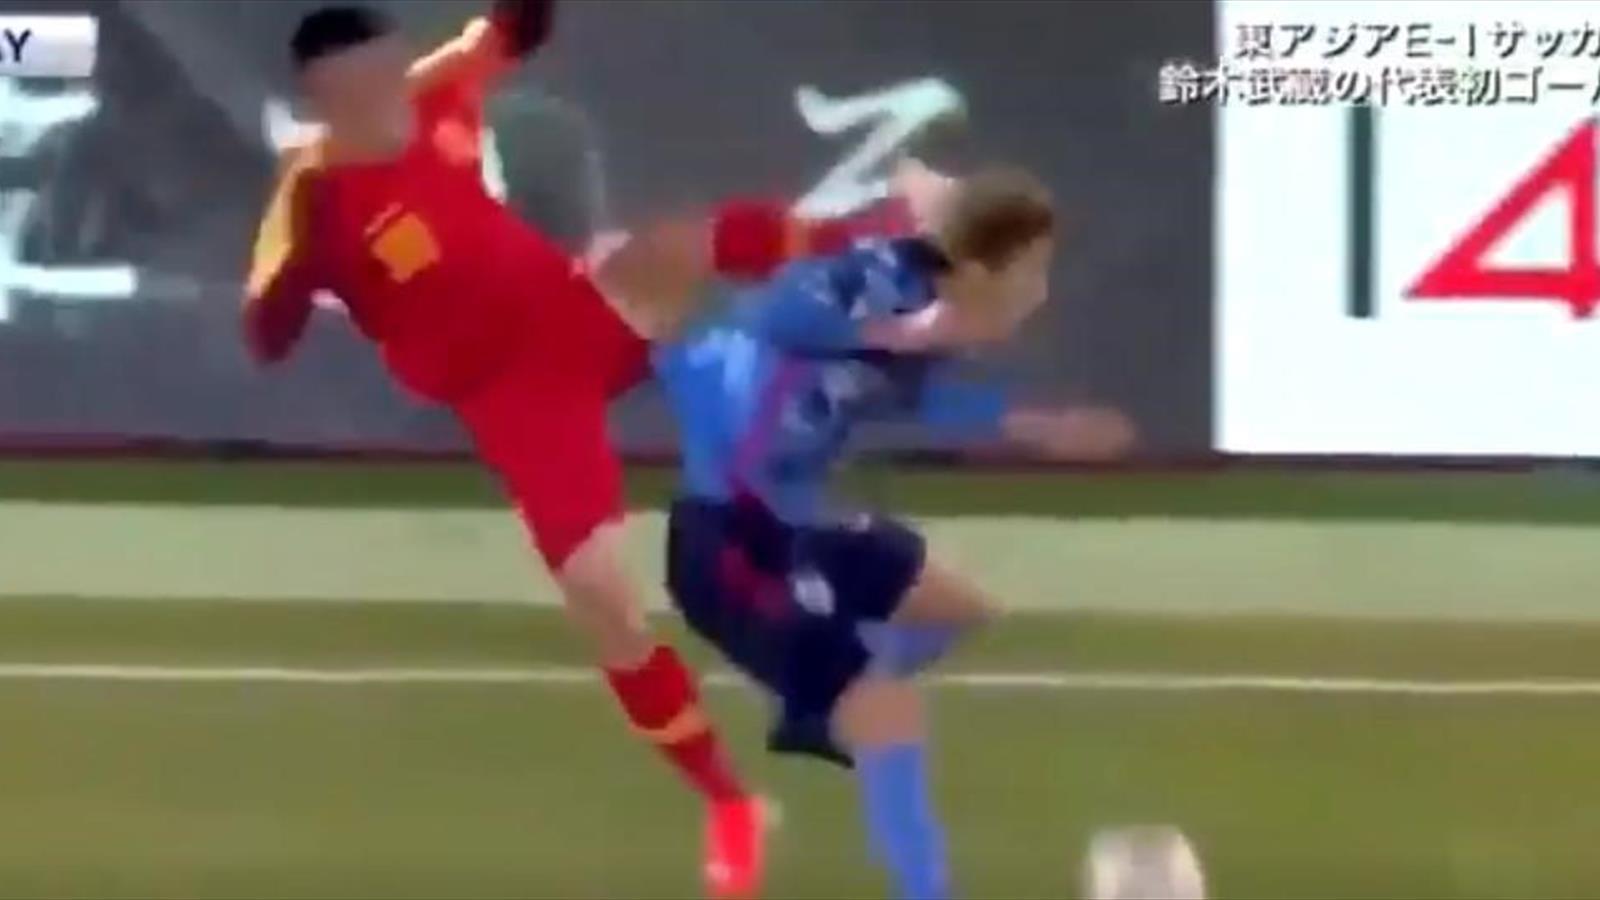 Игрок сборной Китая вспомнил фильм про Кунг-фу панду и засадил японцу ногой в голову